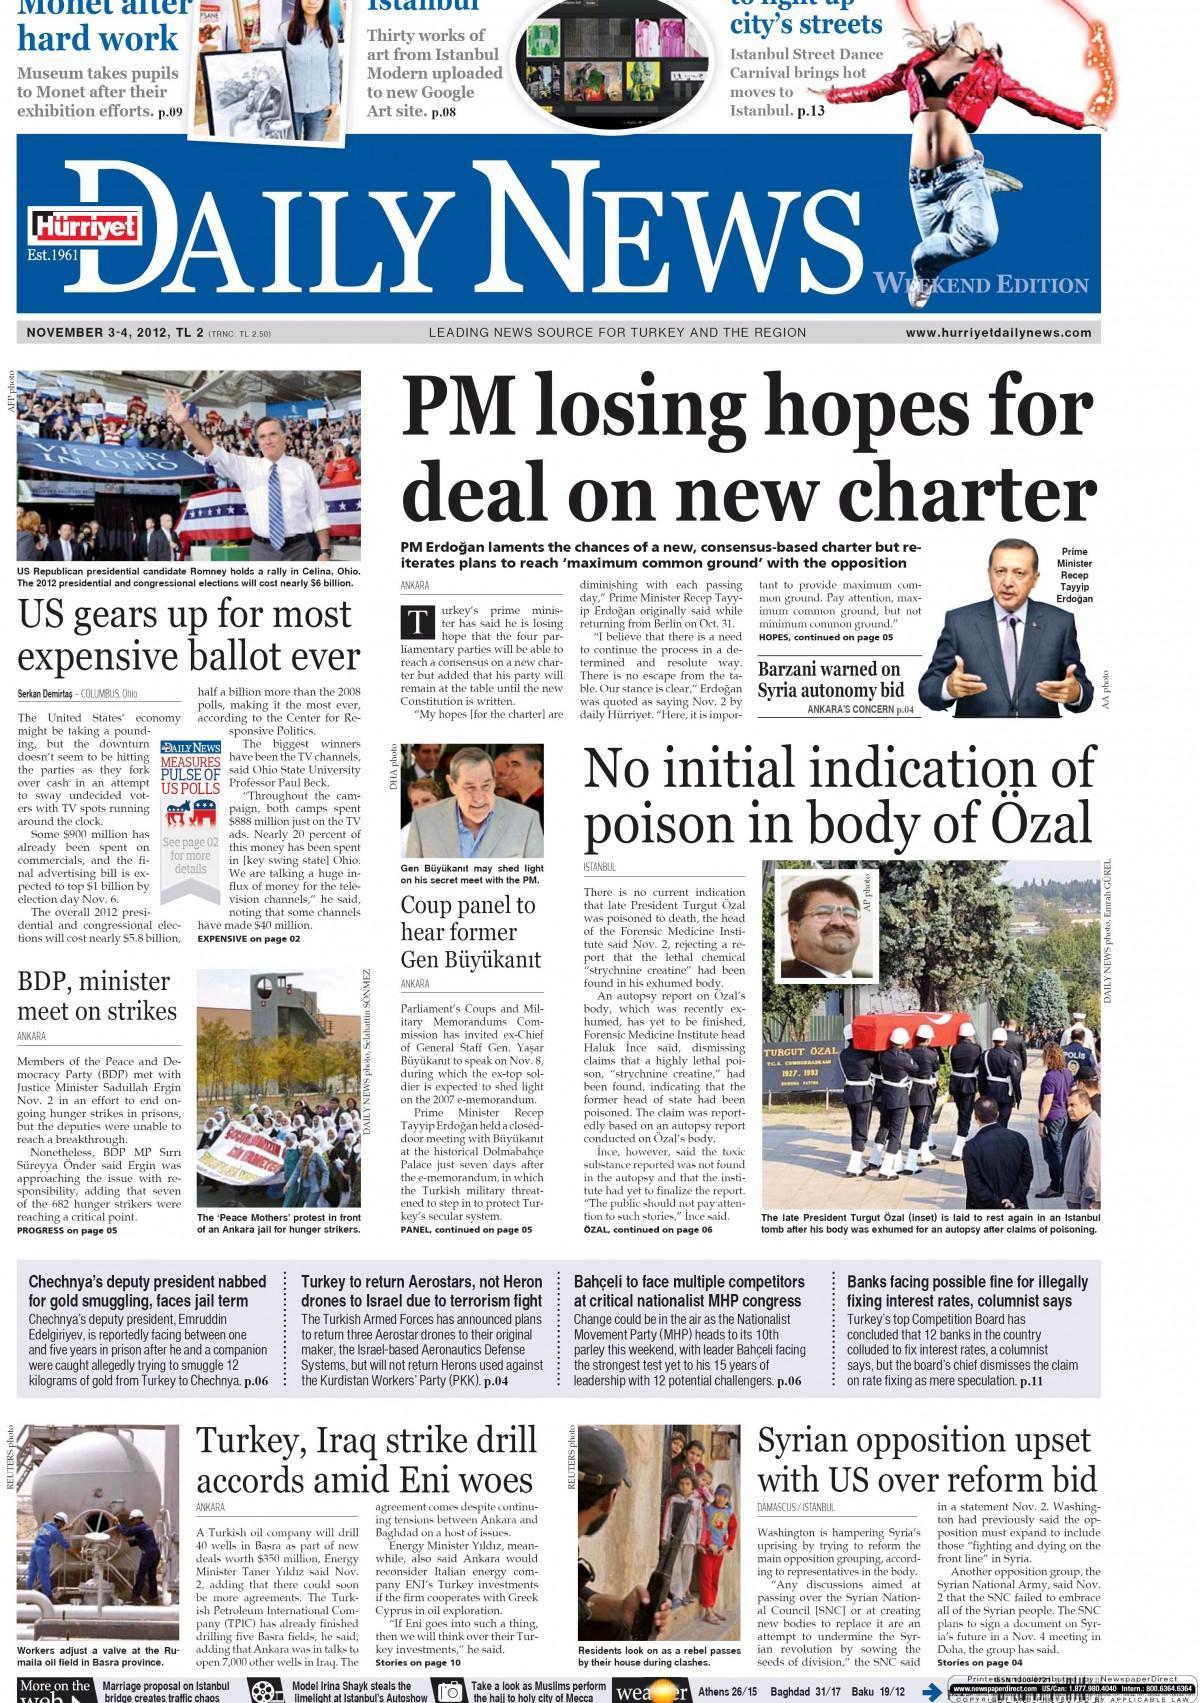 Gazete manşetleri (3 mayıs 2016) - fikrikadim